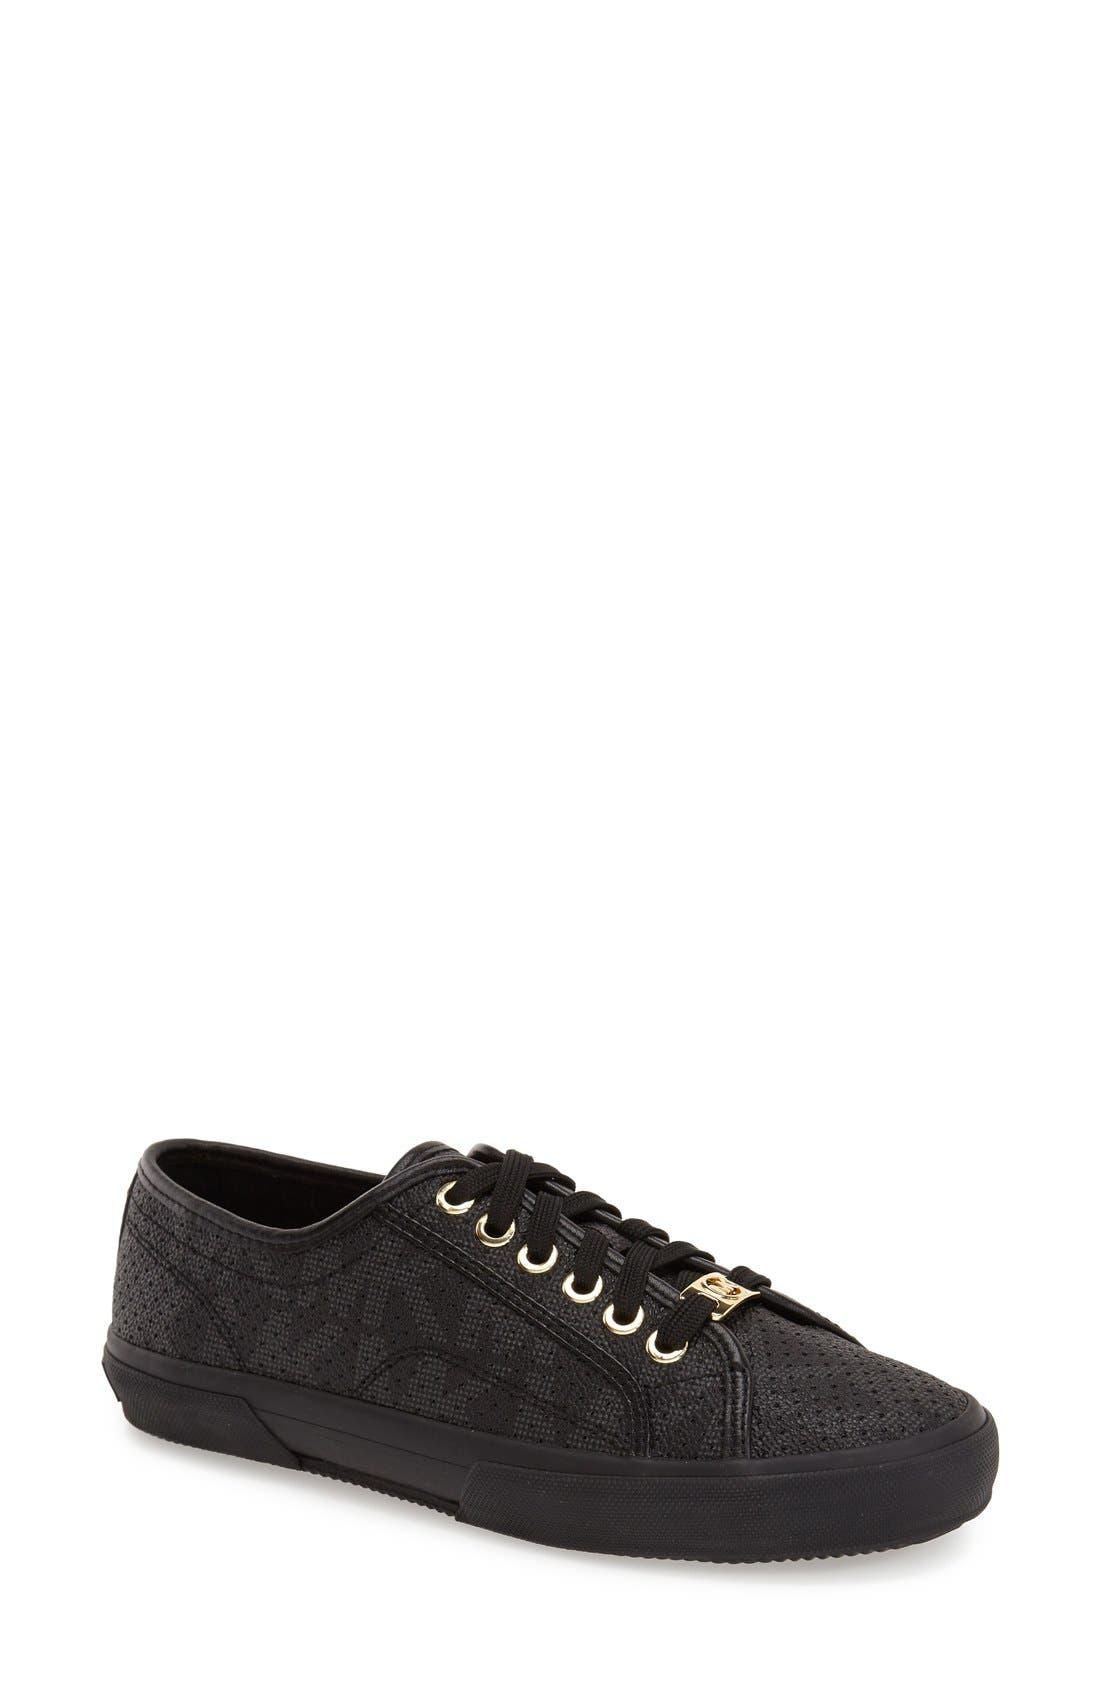 MICHAEL MICHAEL KORS,                             'Boerum' Sneaker,                             Main thumbnail 1, color,                             001